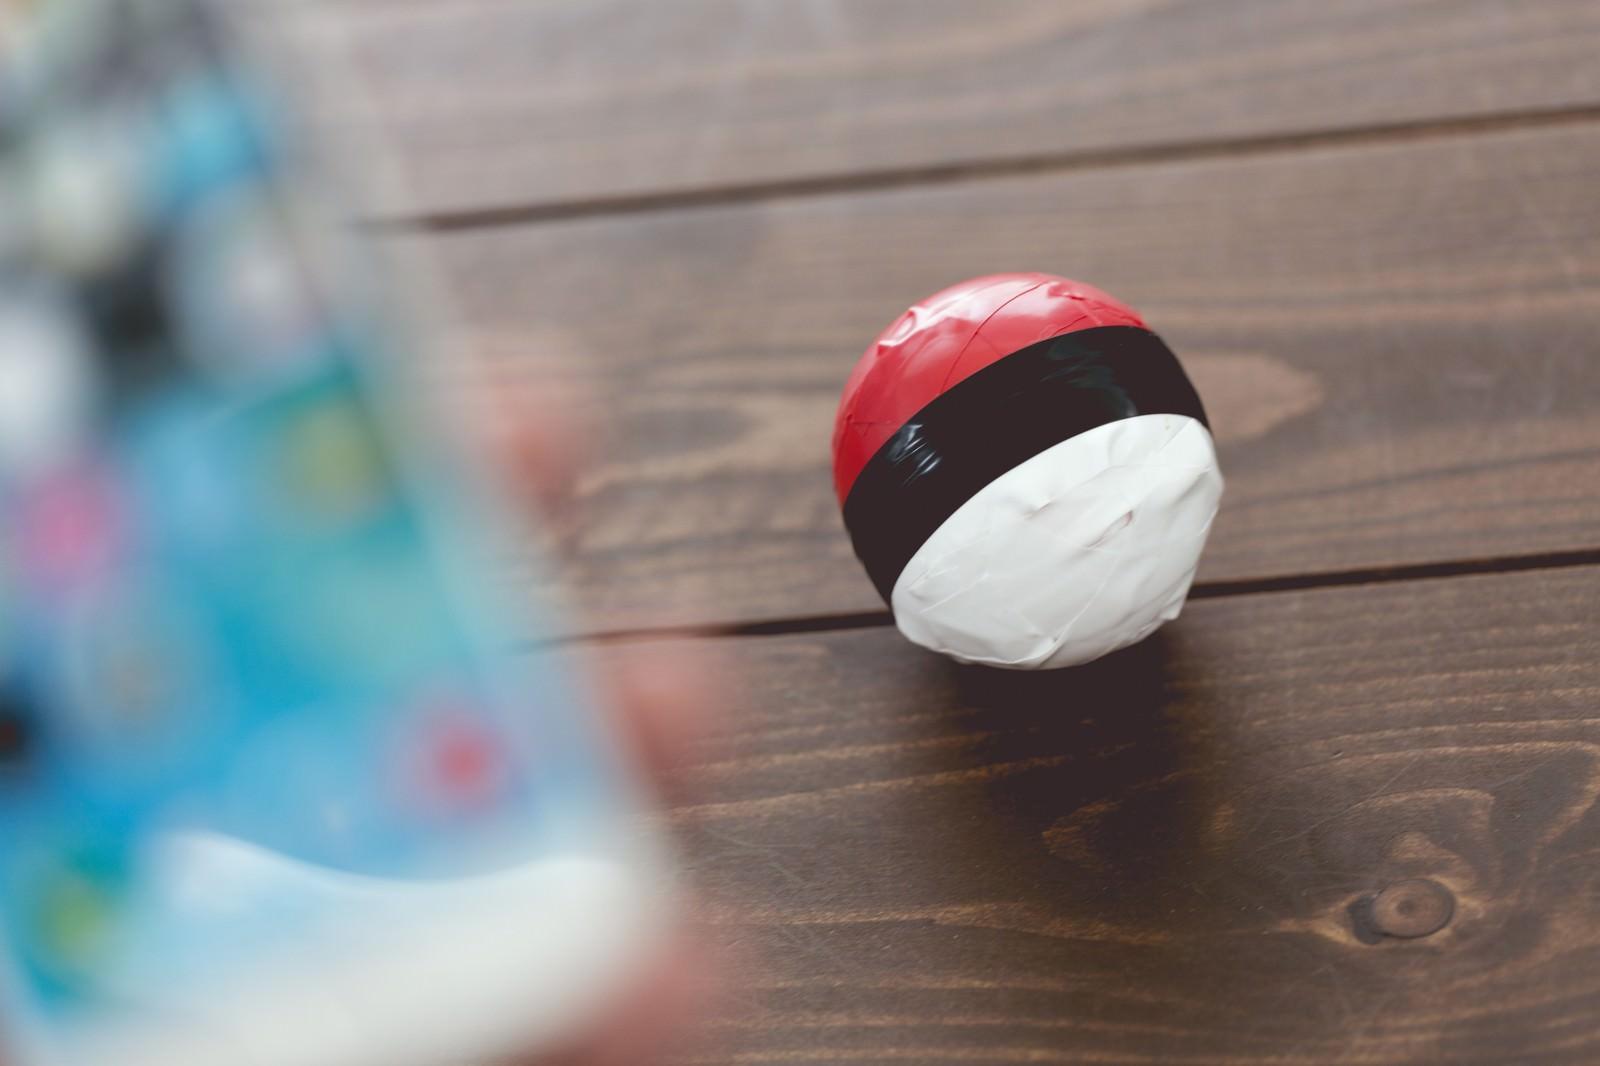 「スマホアプリで紅白ボールを操作する」の写真